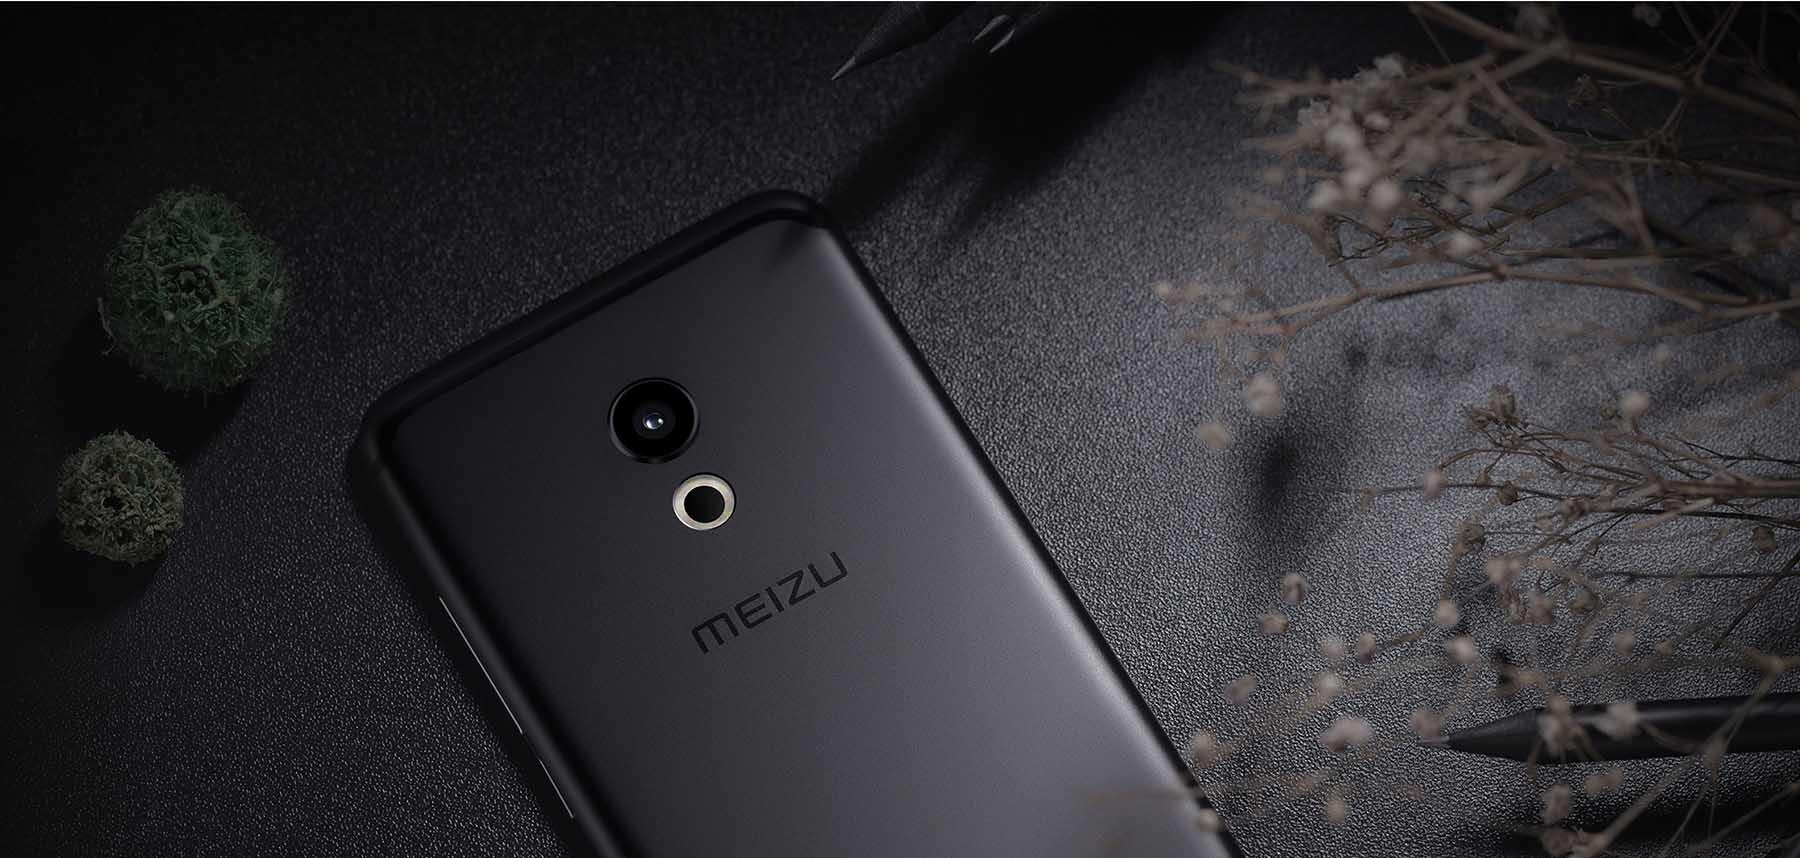 Meizu pro 6 black_07f04da